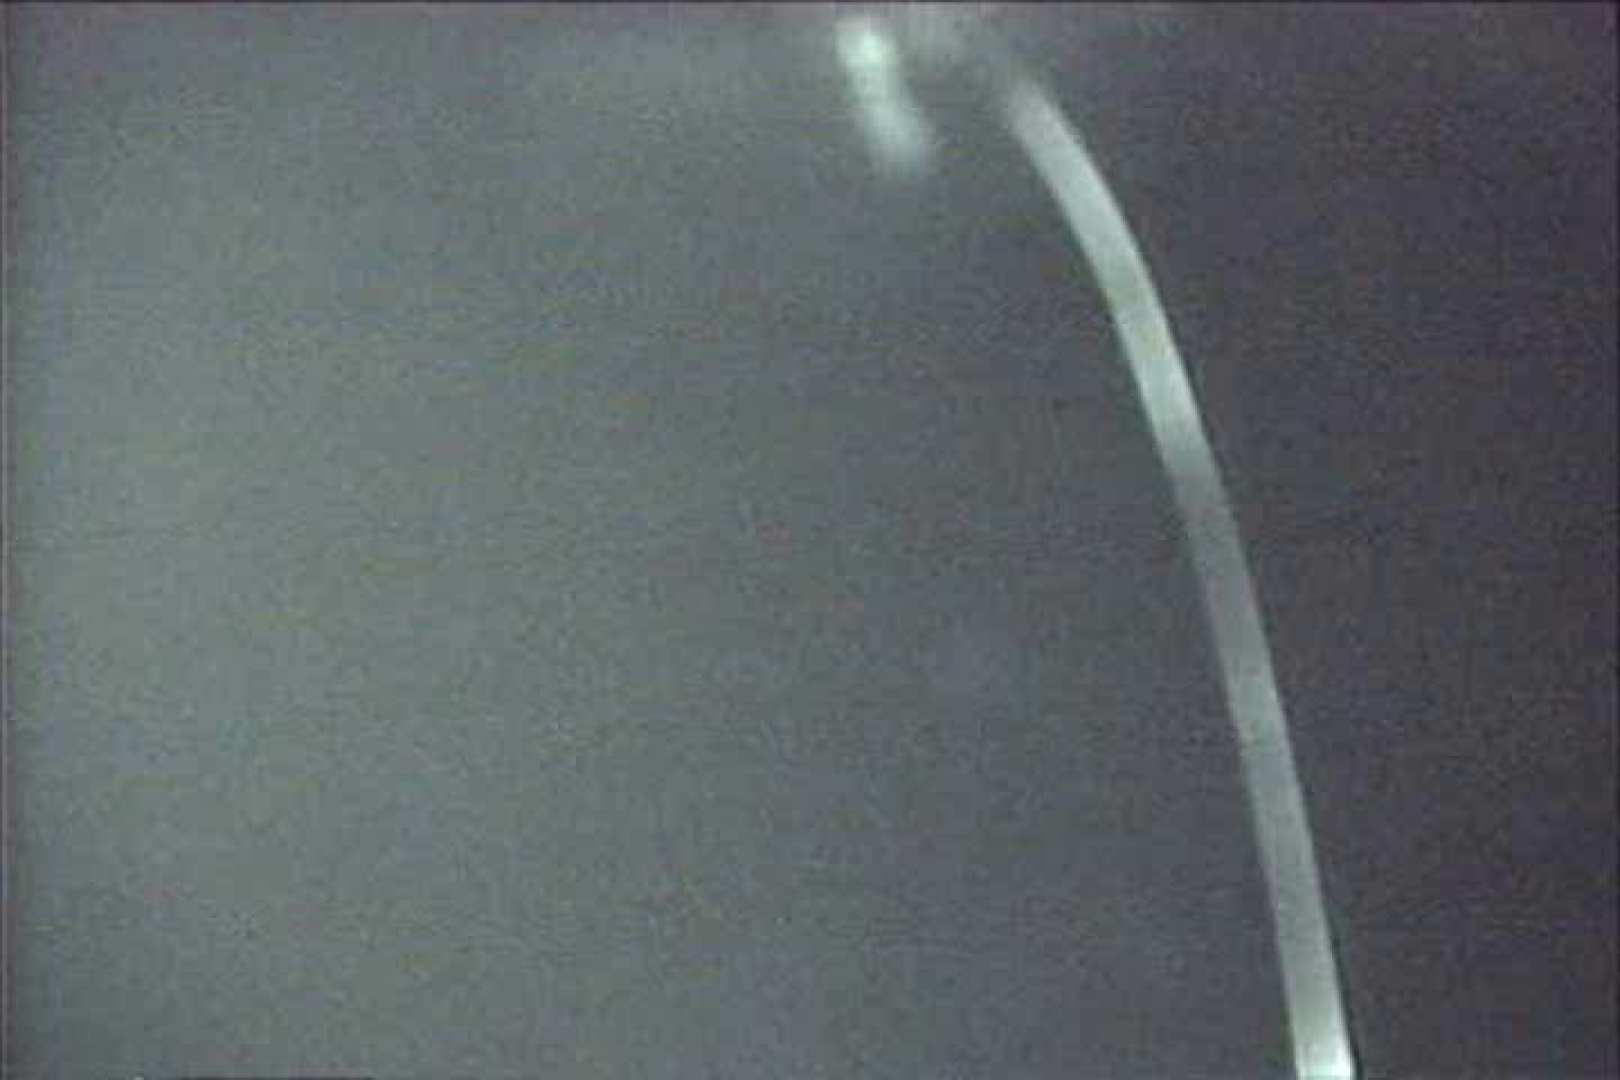 車の中はラブホテル 無修正版  Vol.18 ラブホテル オマンコ動画キャプチャ 80連発 55